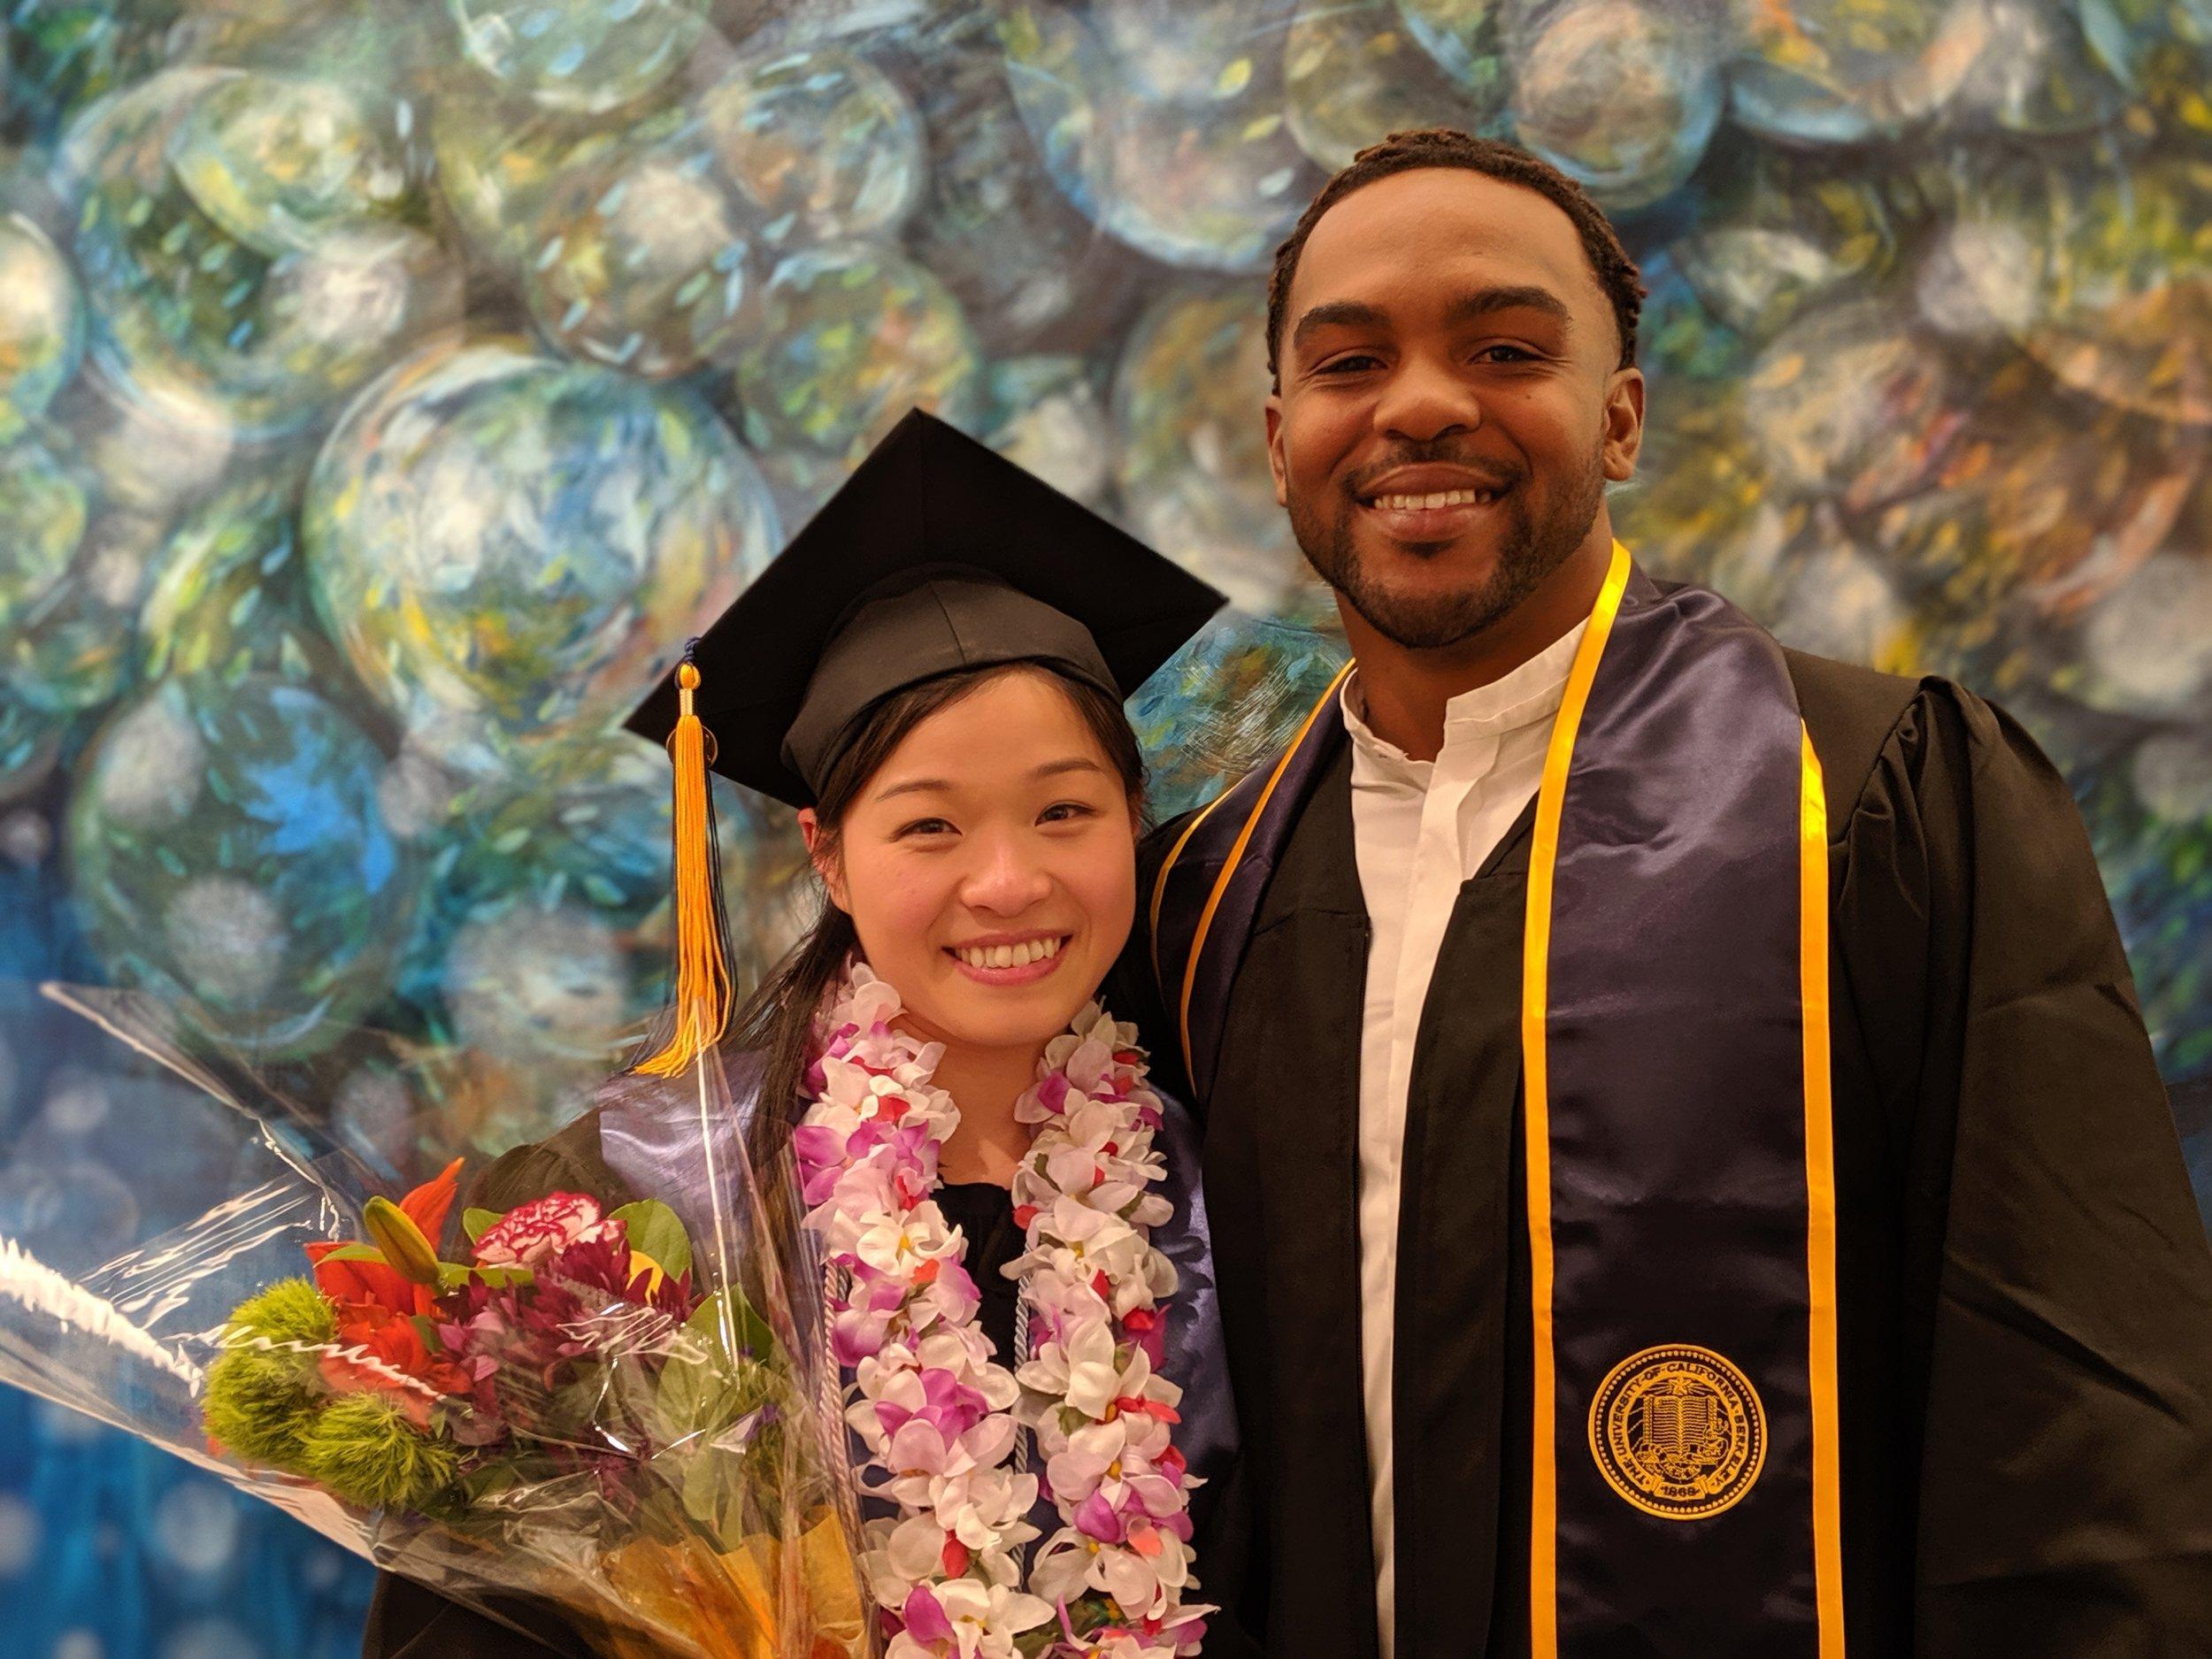 Art Practice Graduates 68 New Artists — UC Berkeley Art Practice